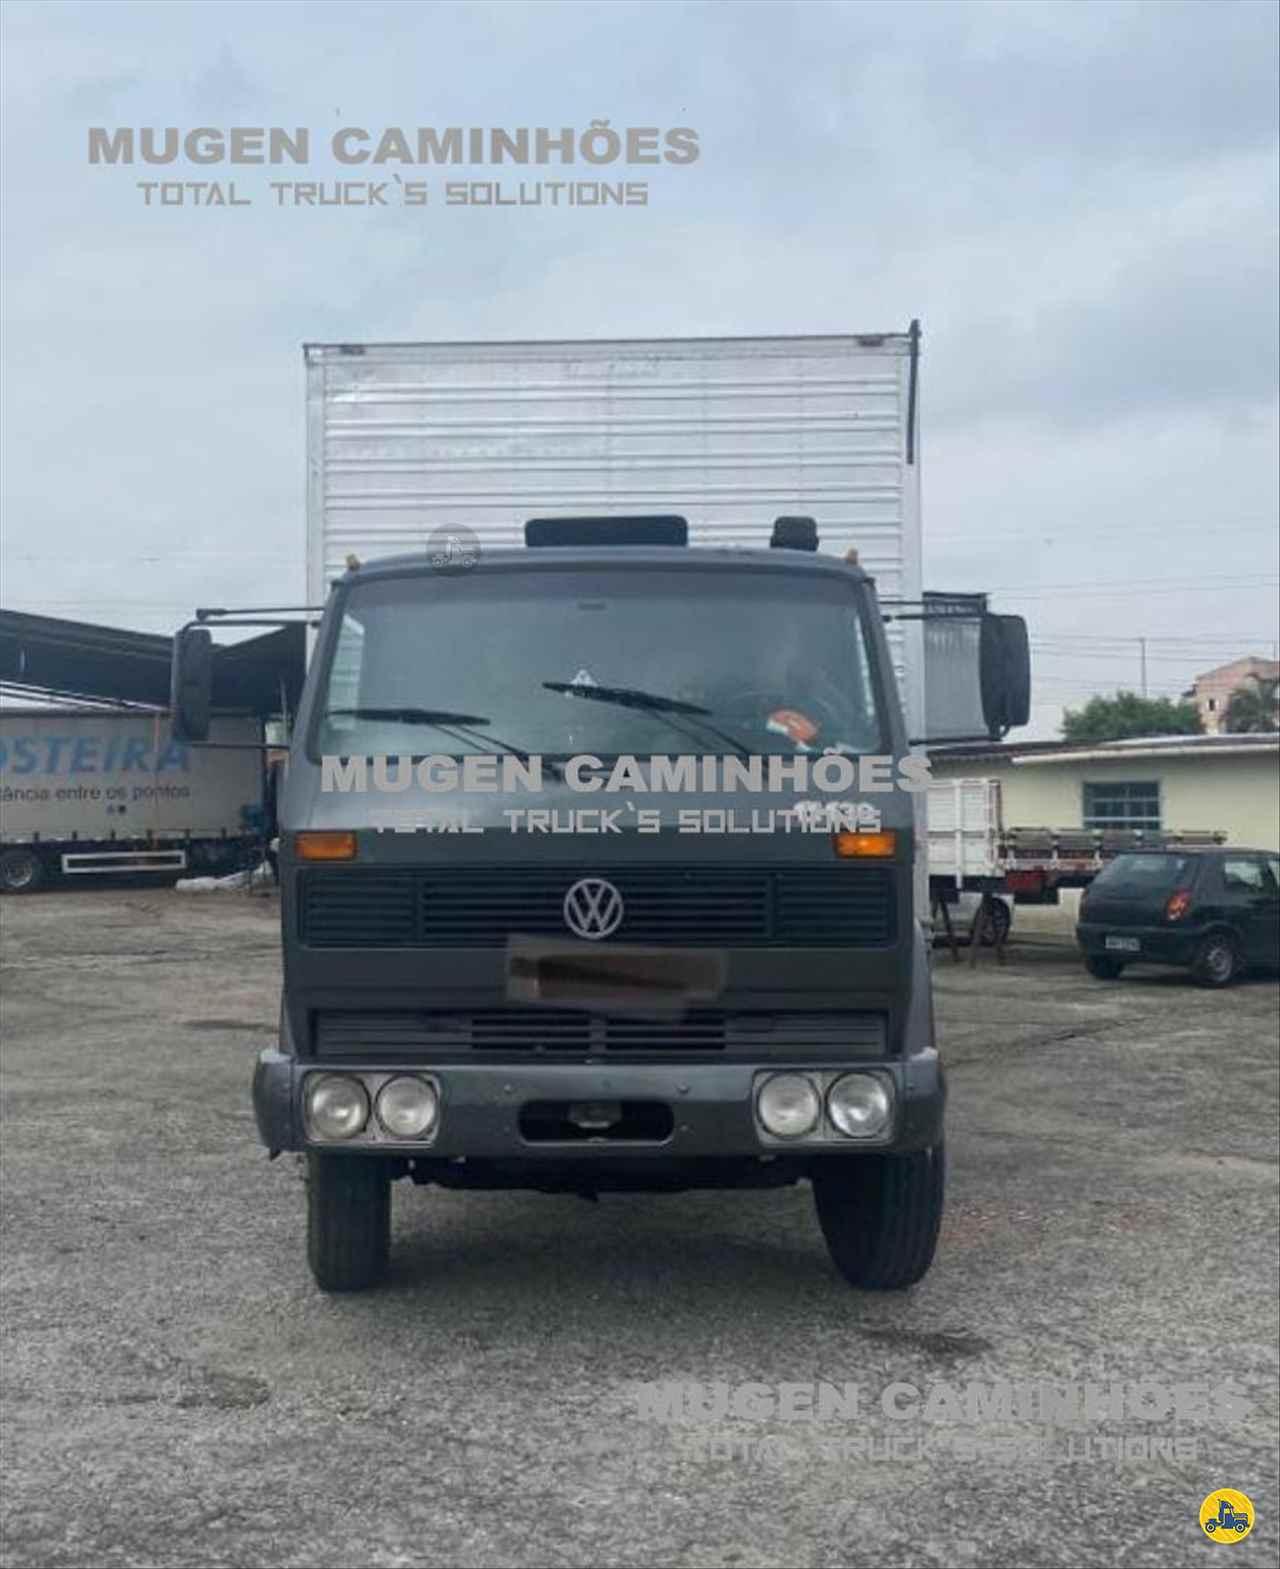 VOLKSWAGEN VW 11130 200000km 1985/1985 Mugen Caminhões